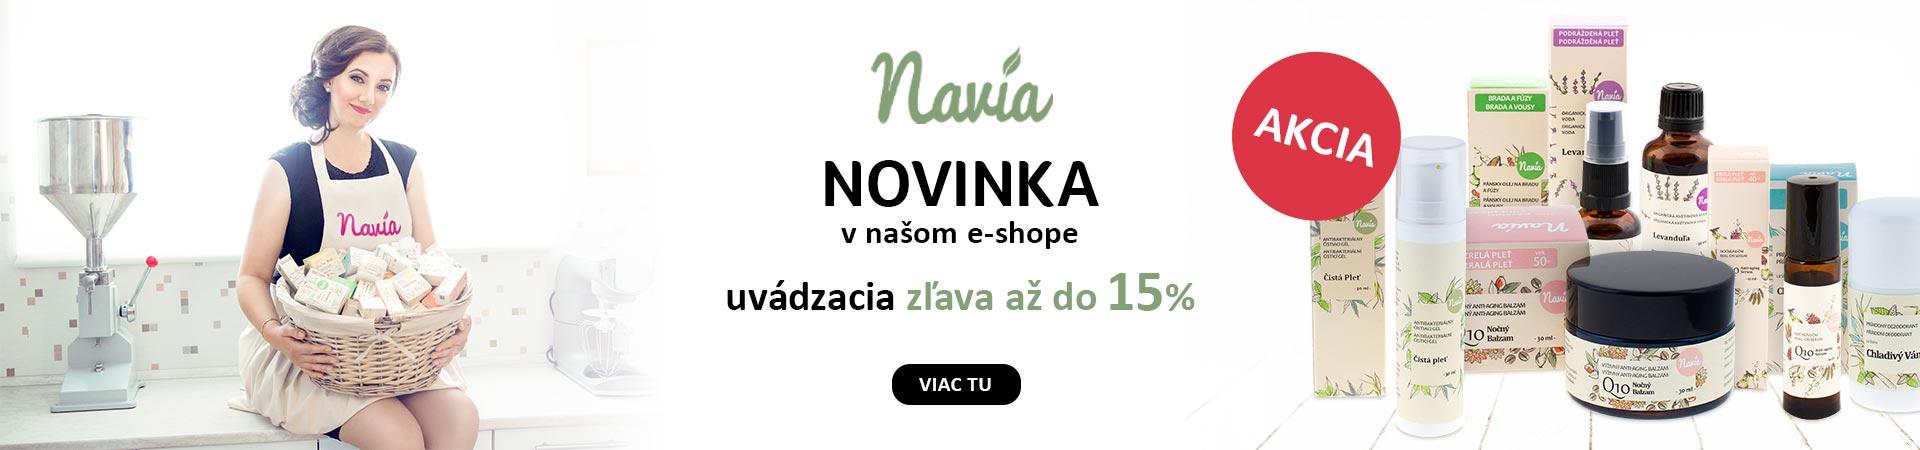 15% zľava na celú značku NAVIA do 30.06.2019